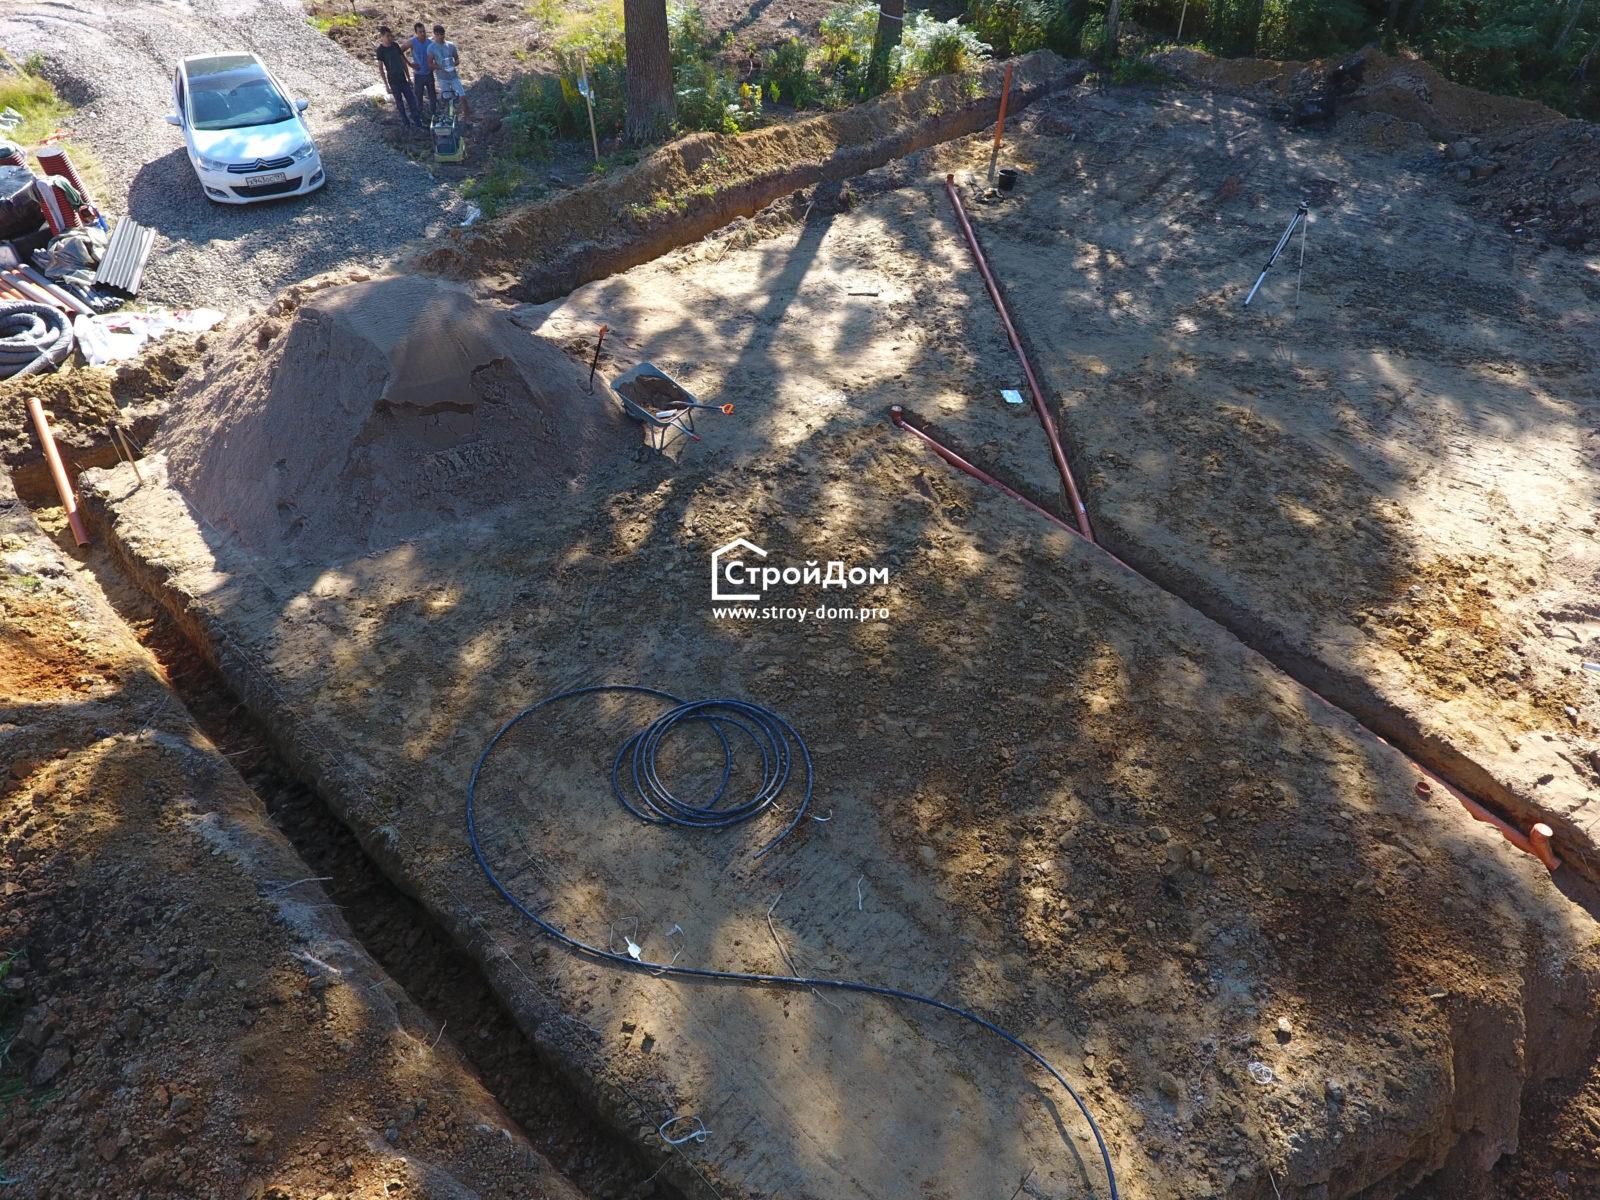 DCIM100MEDIADJI_0291.JPG